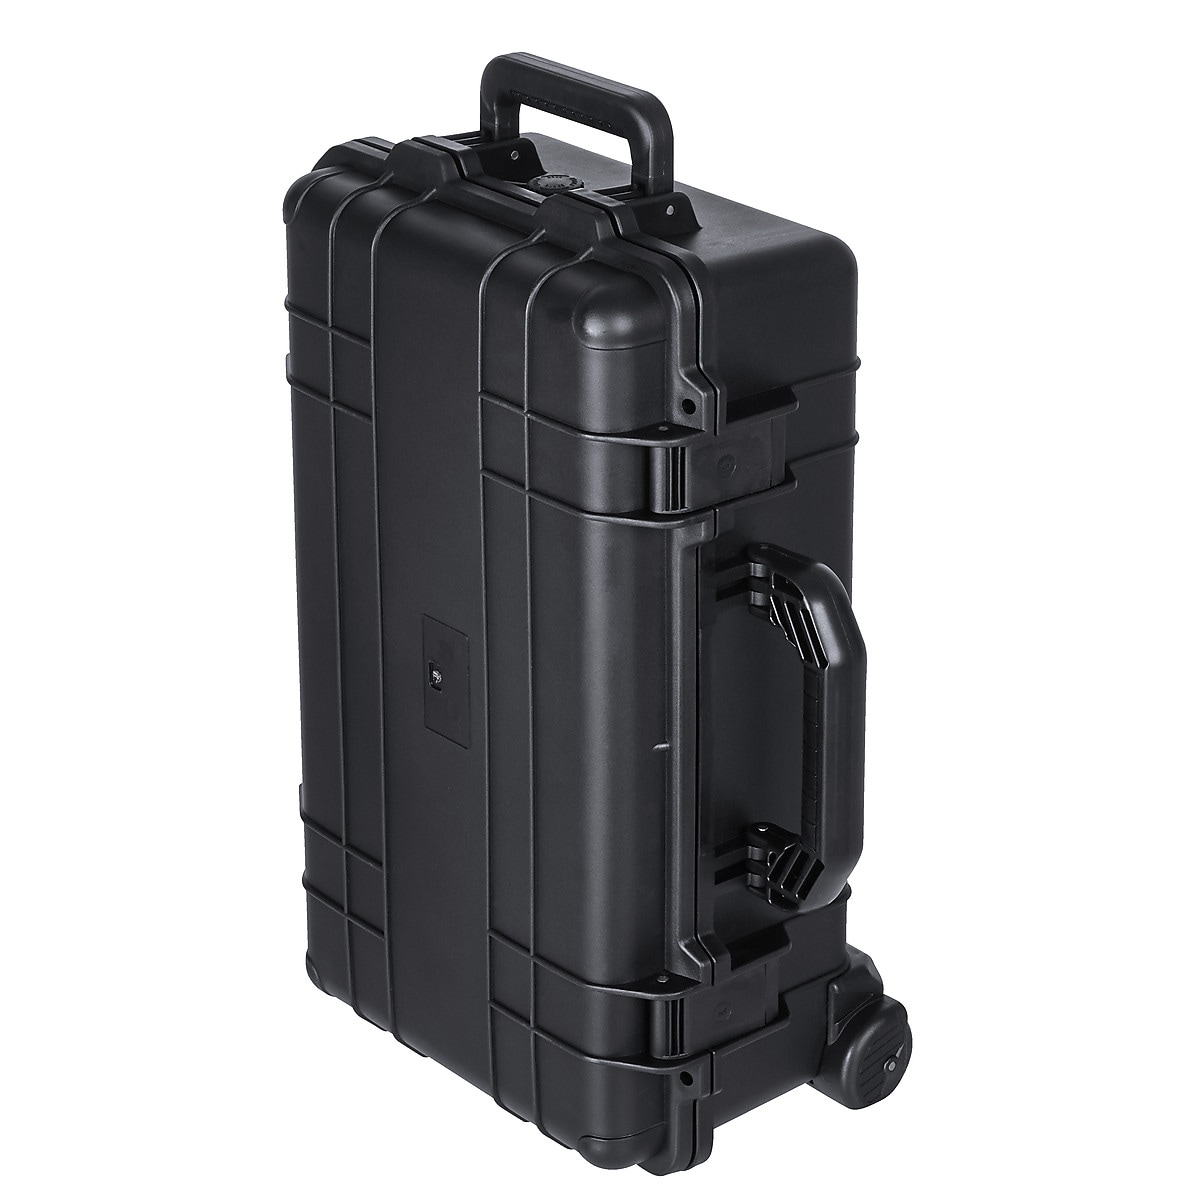 Koffert med hjul og telskophåndtak